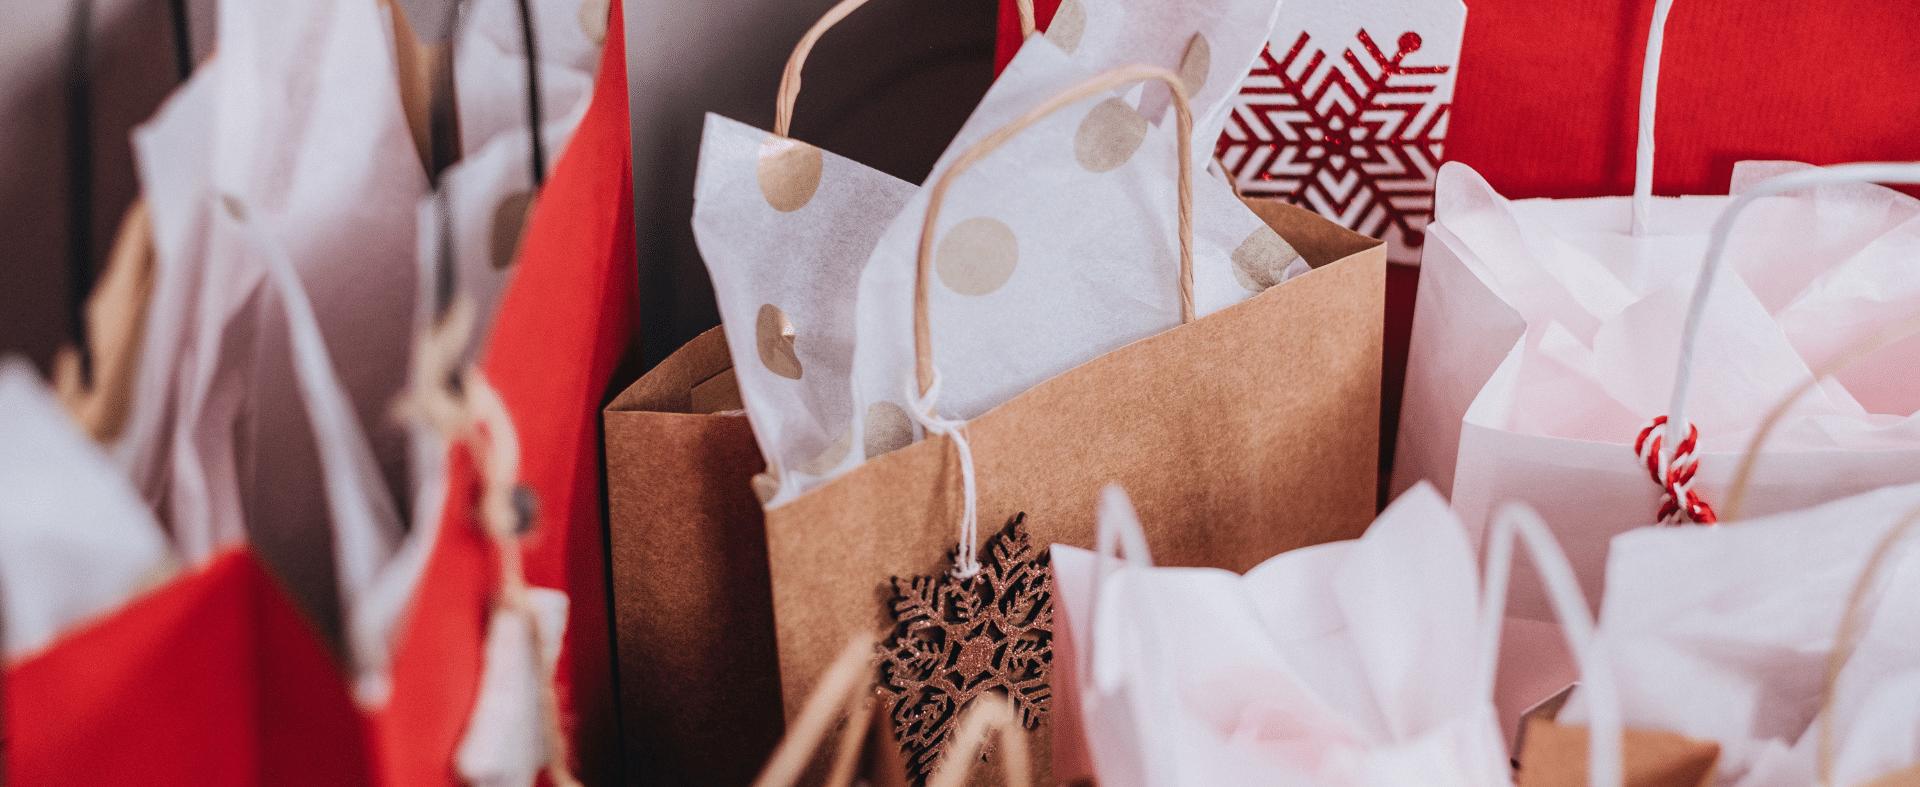 5 Tendencias de consumo en días de Black Friday de cara a Navidad y 5 consejos para sacarles el máximo partido